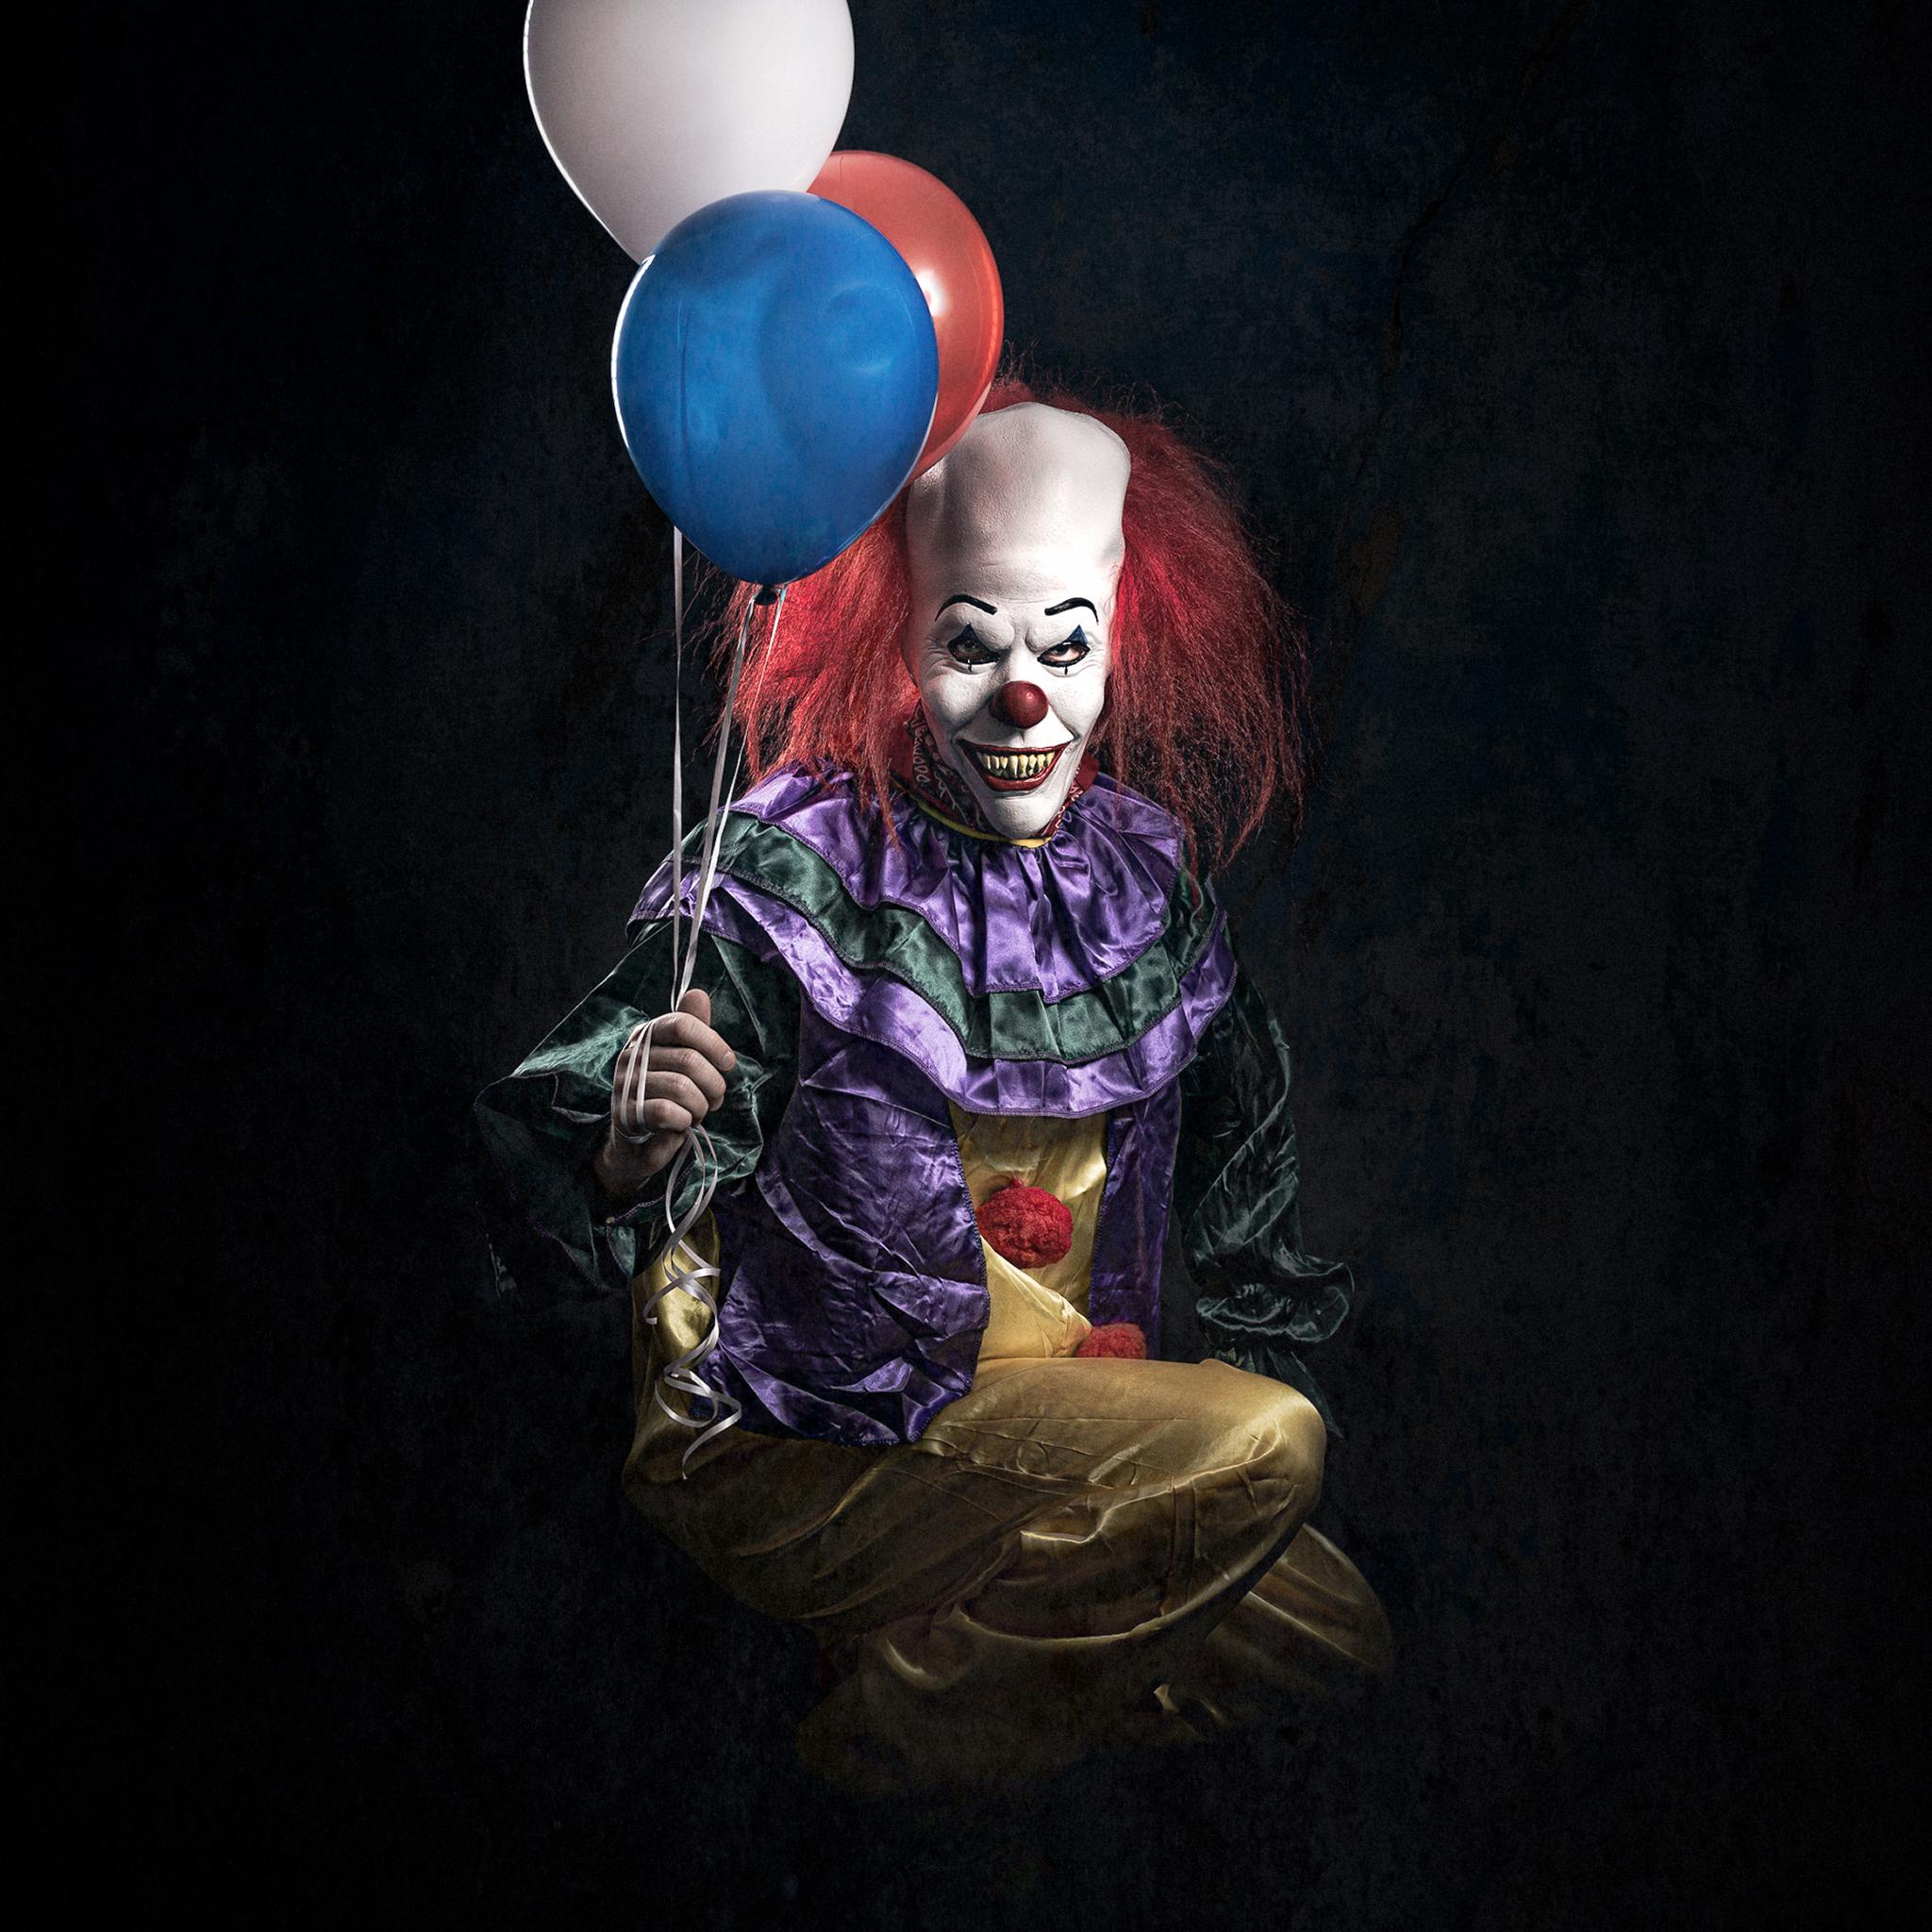 Wallfoto_Clown_160423_004